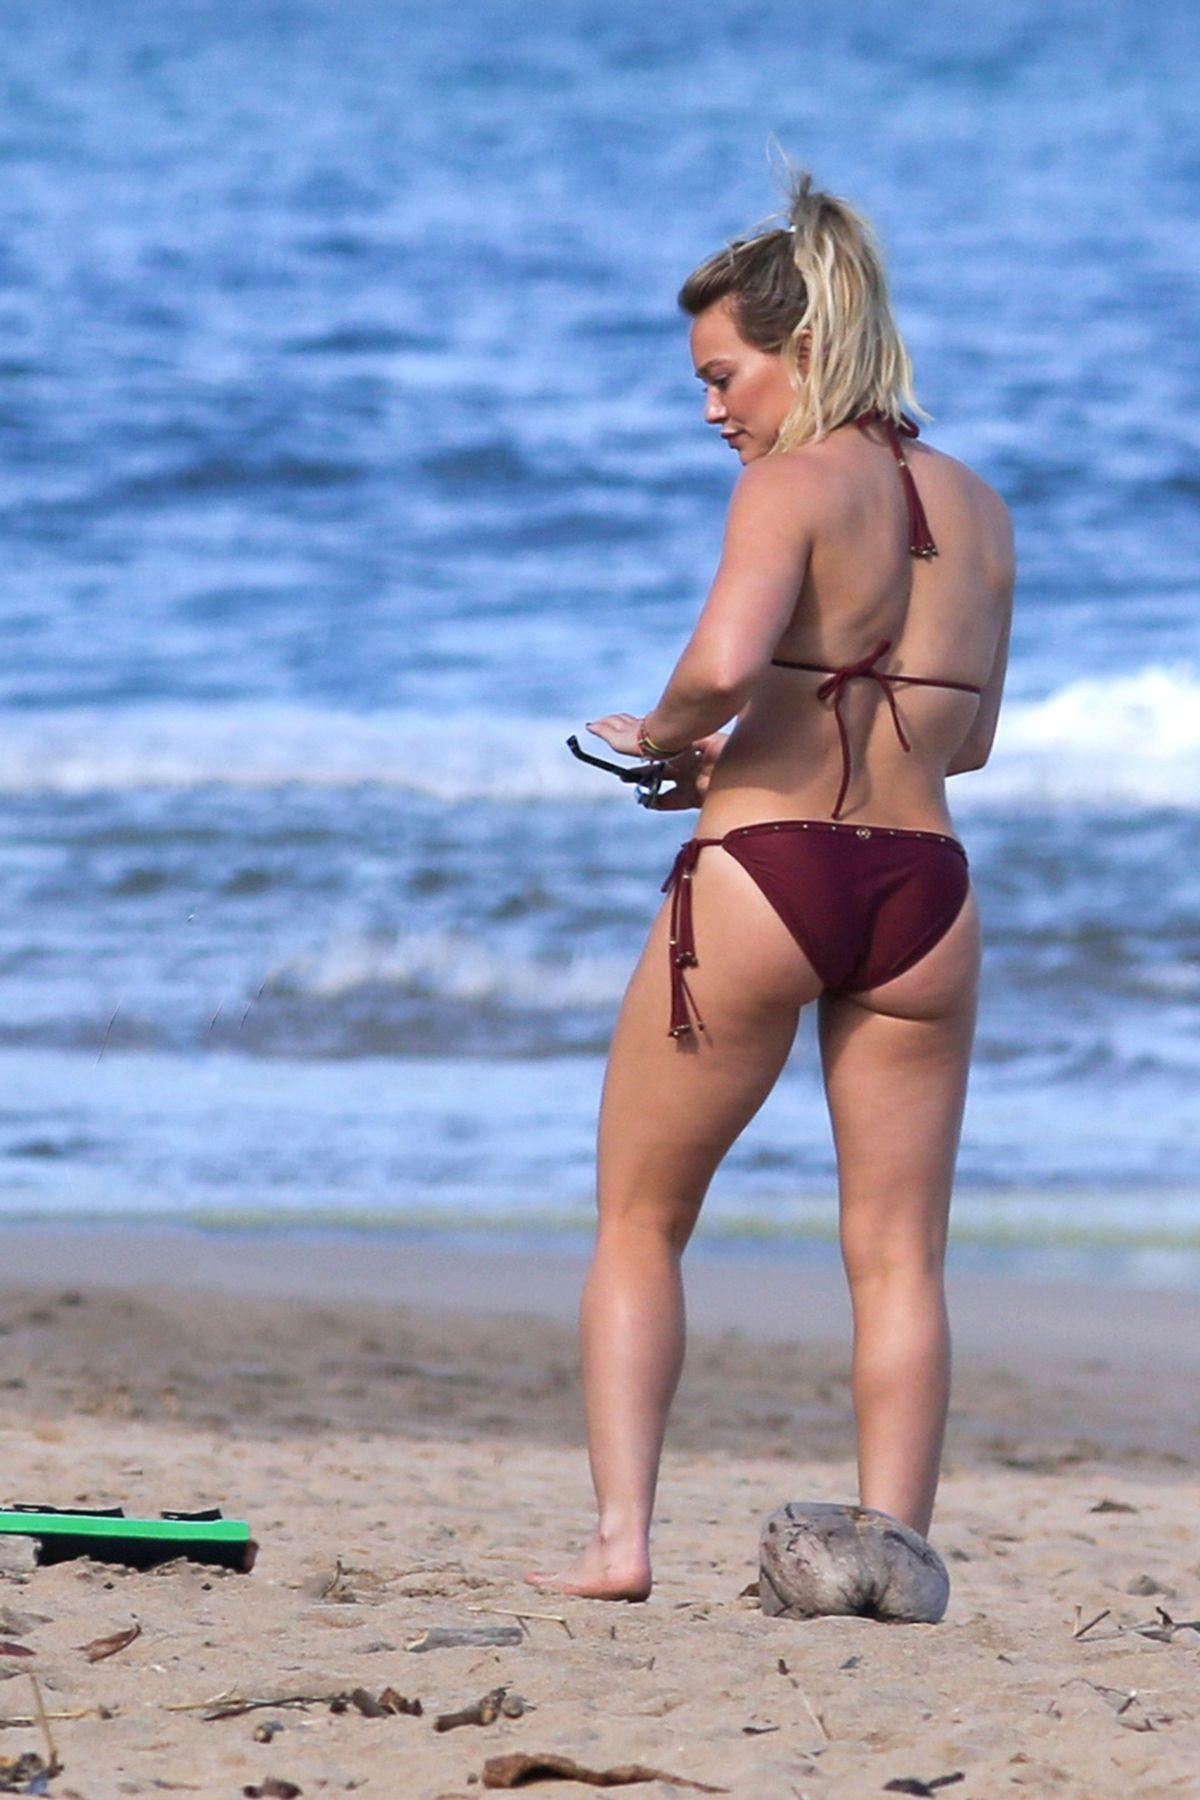 Chi ling bikini